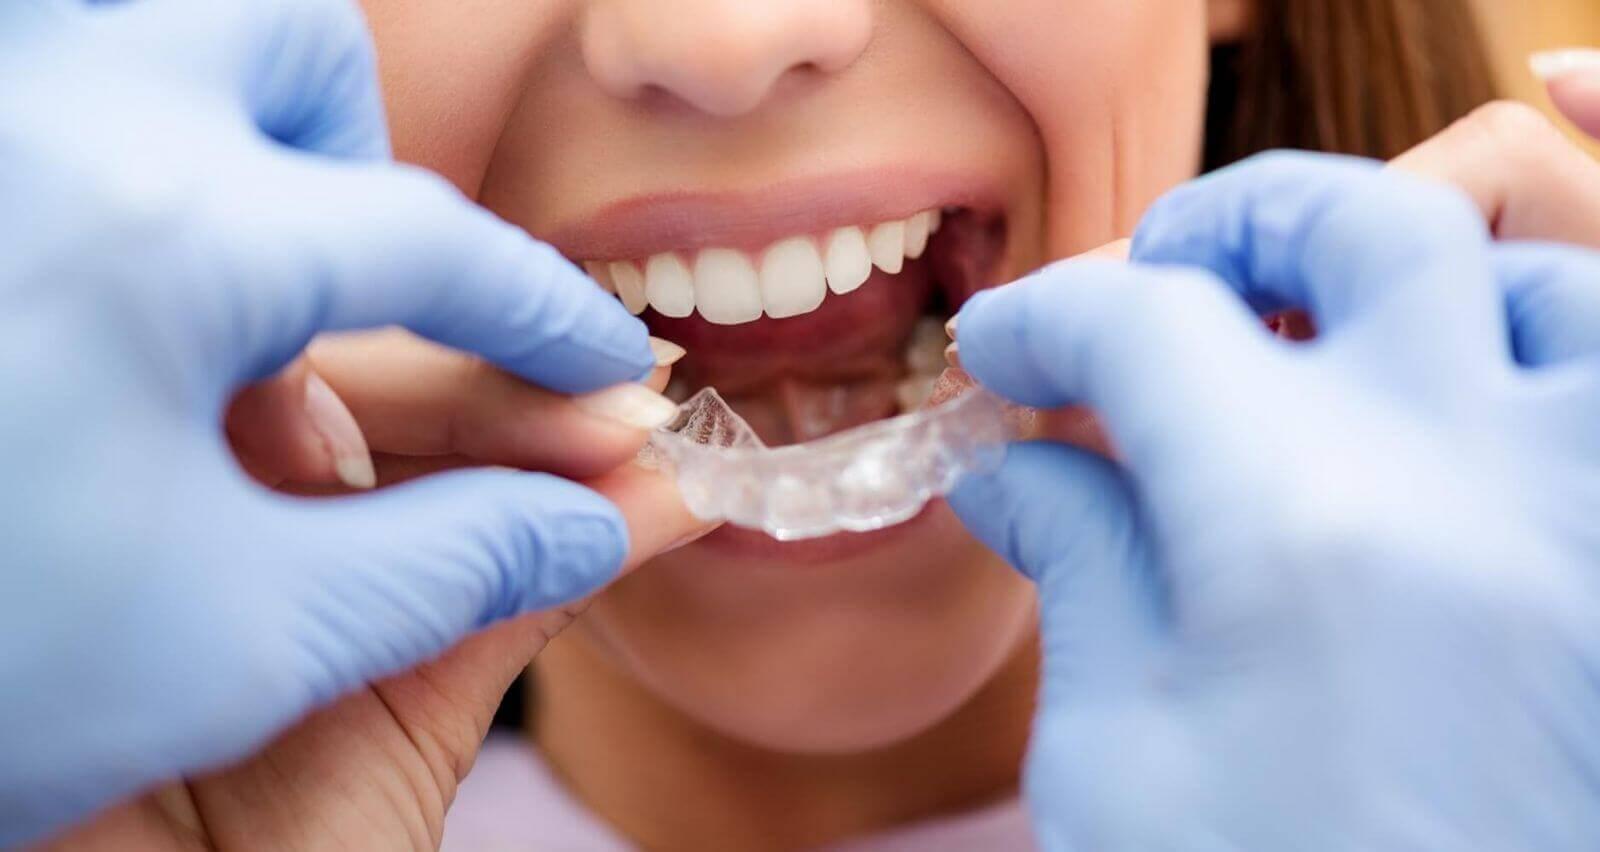 Прозрачные (невидимые) брекеты  для выравнивания зубов